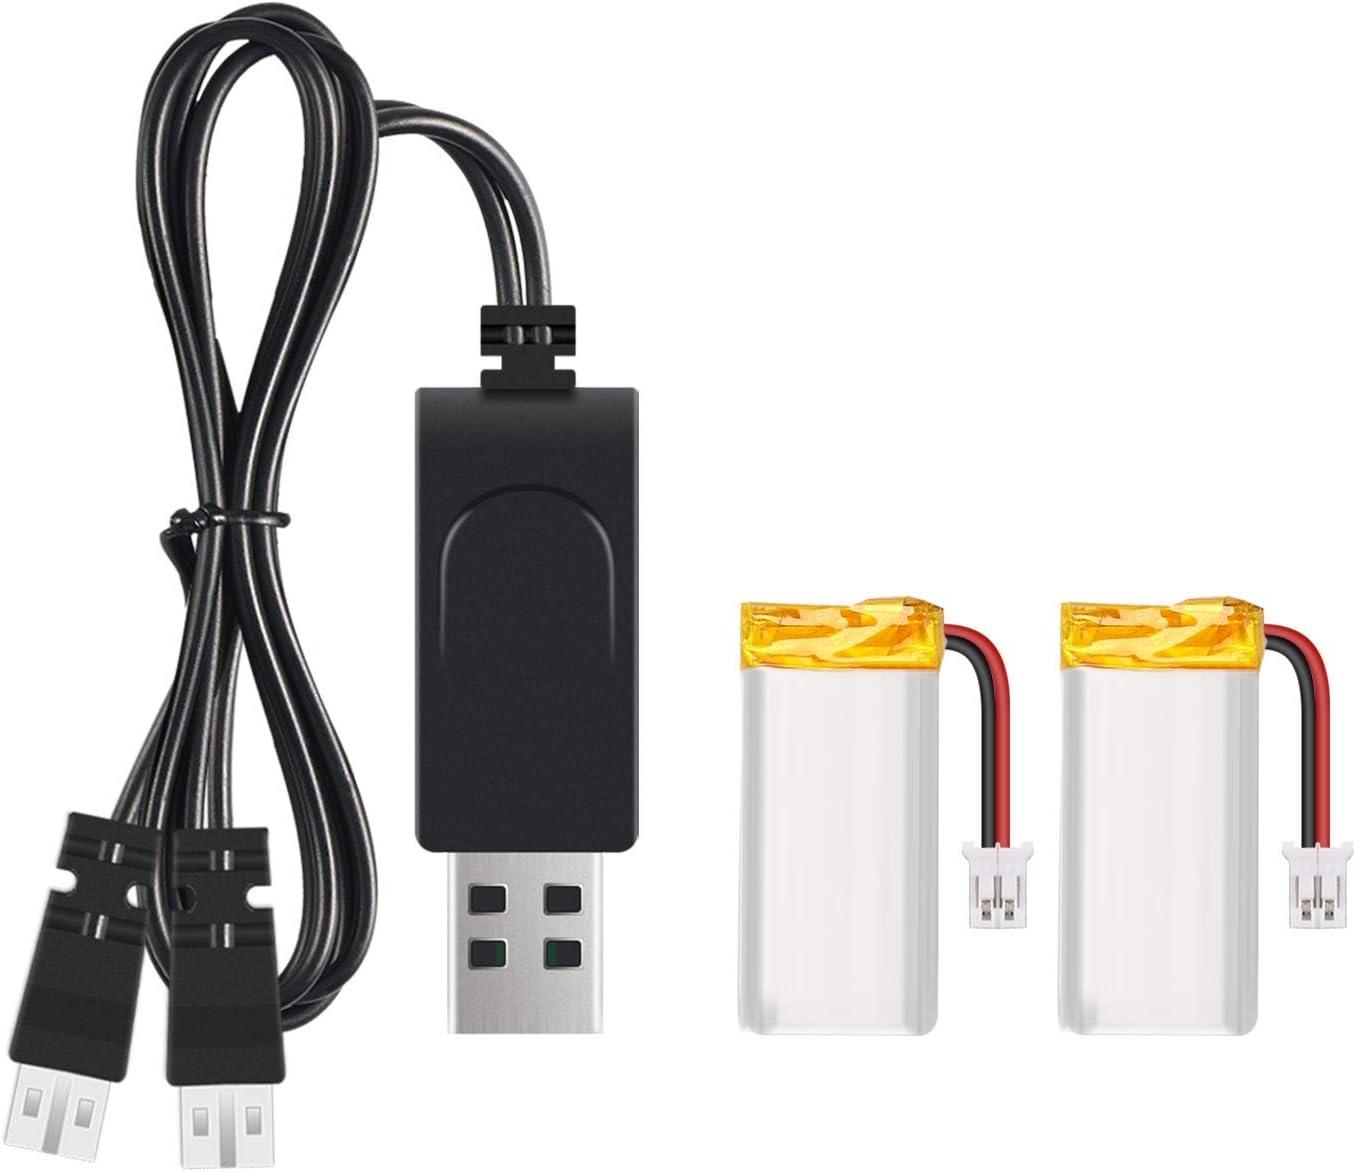 SNAPTAIN SP350 Kit de baterías para Drones, 2 baterías de Drone para SNAPTAIN SP350 Drone con Cargador USB 2 en 1 (1 Unidad): Amazon.es: Electrónica